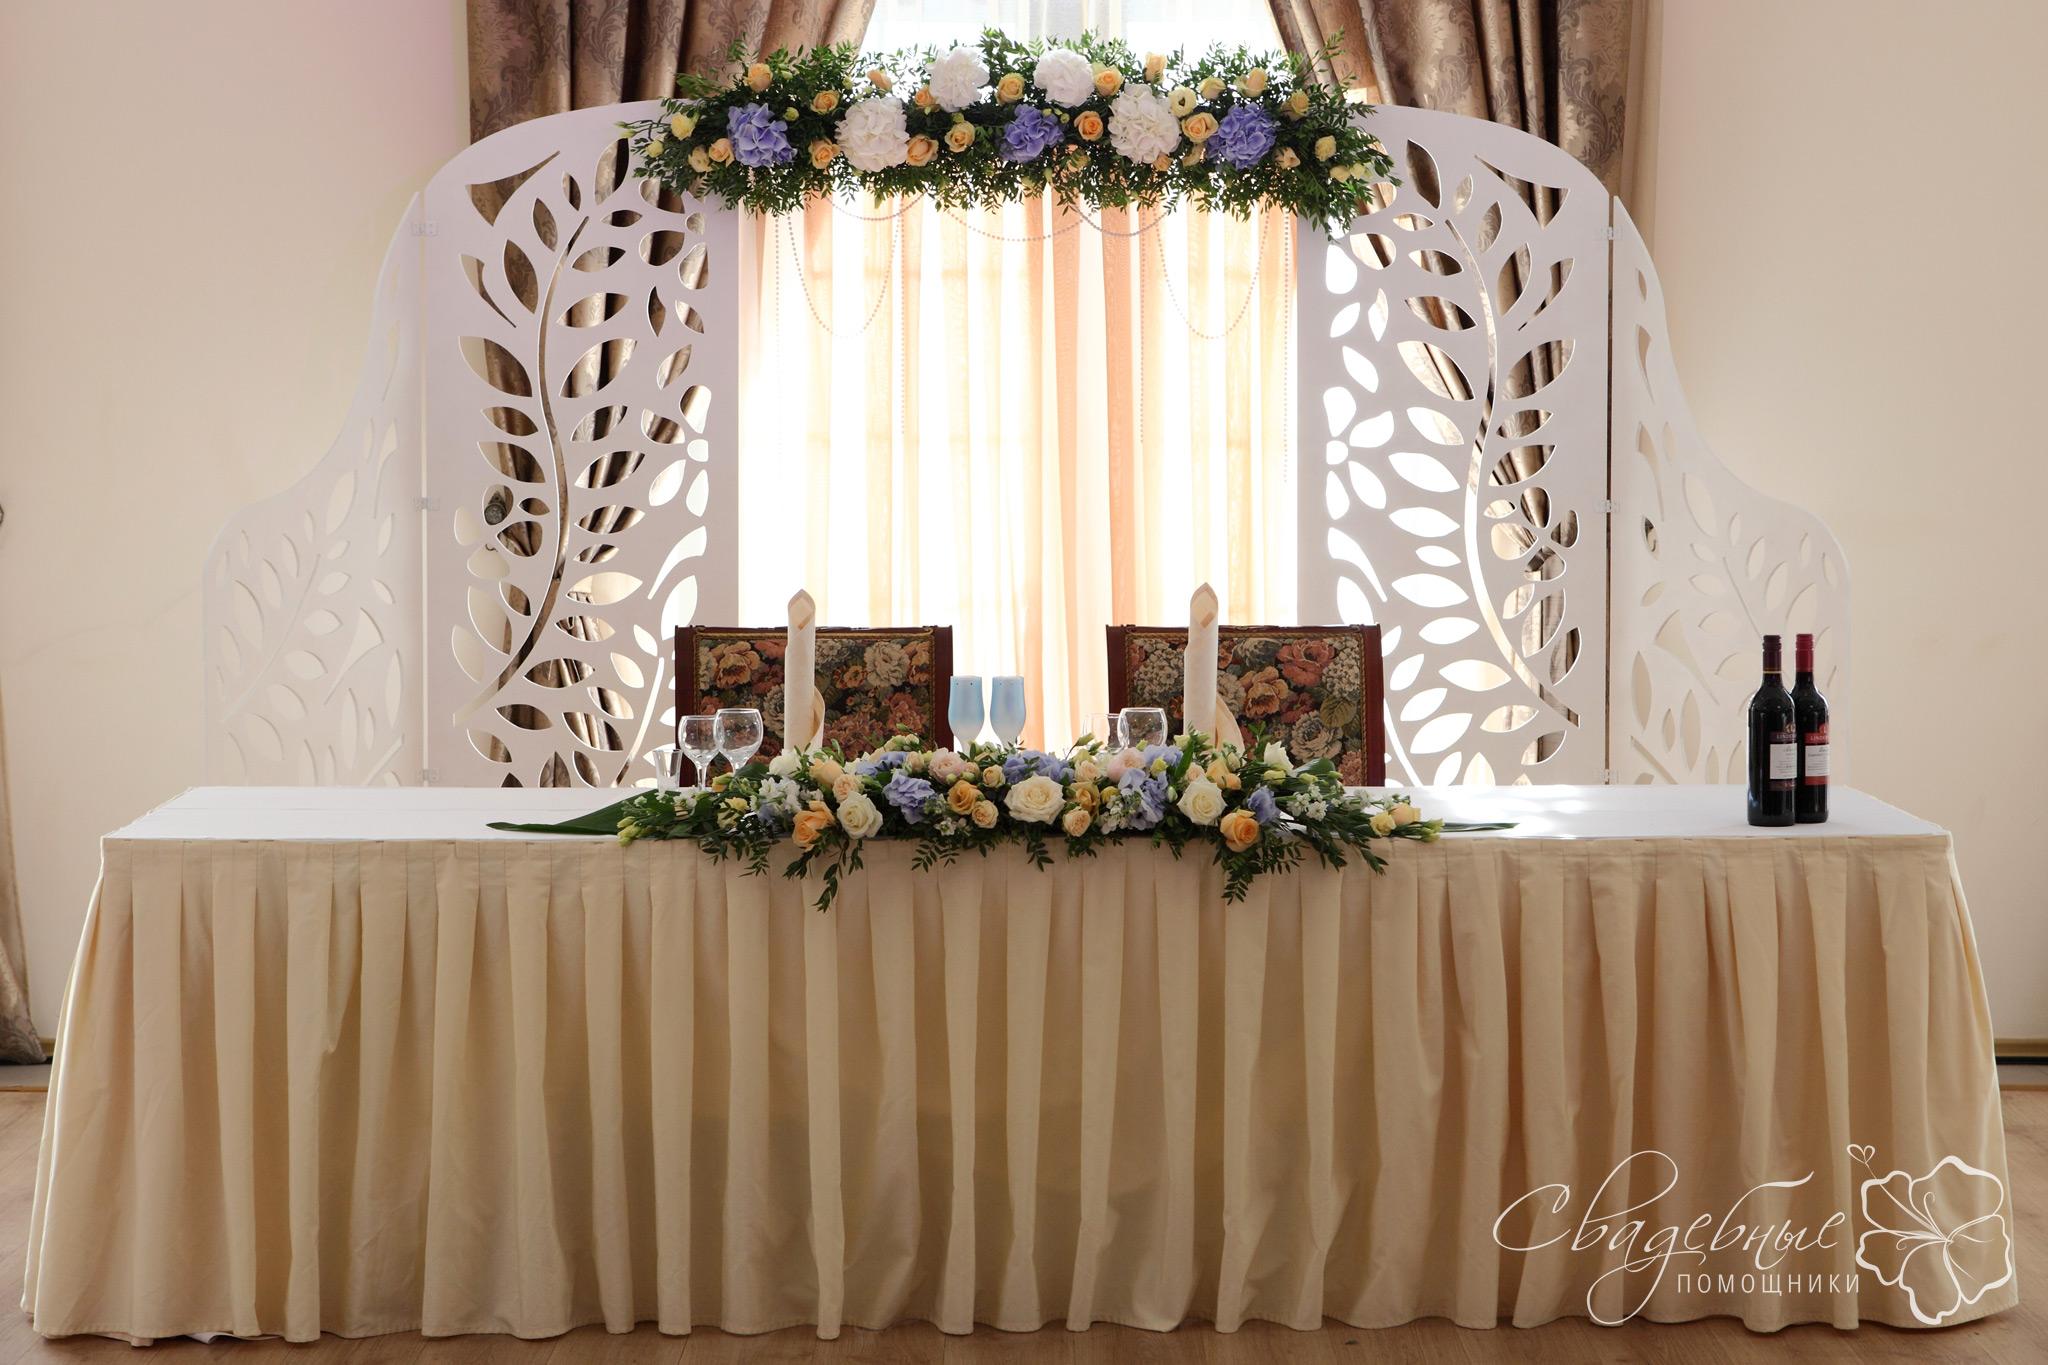 Как сделать на свадьбу ширму своими руками